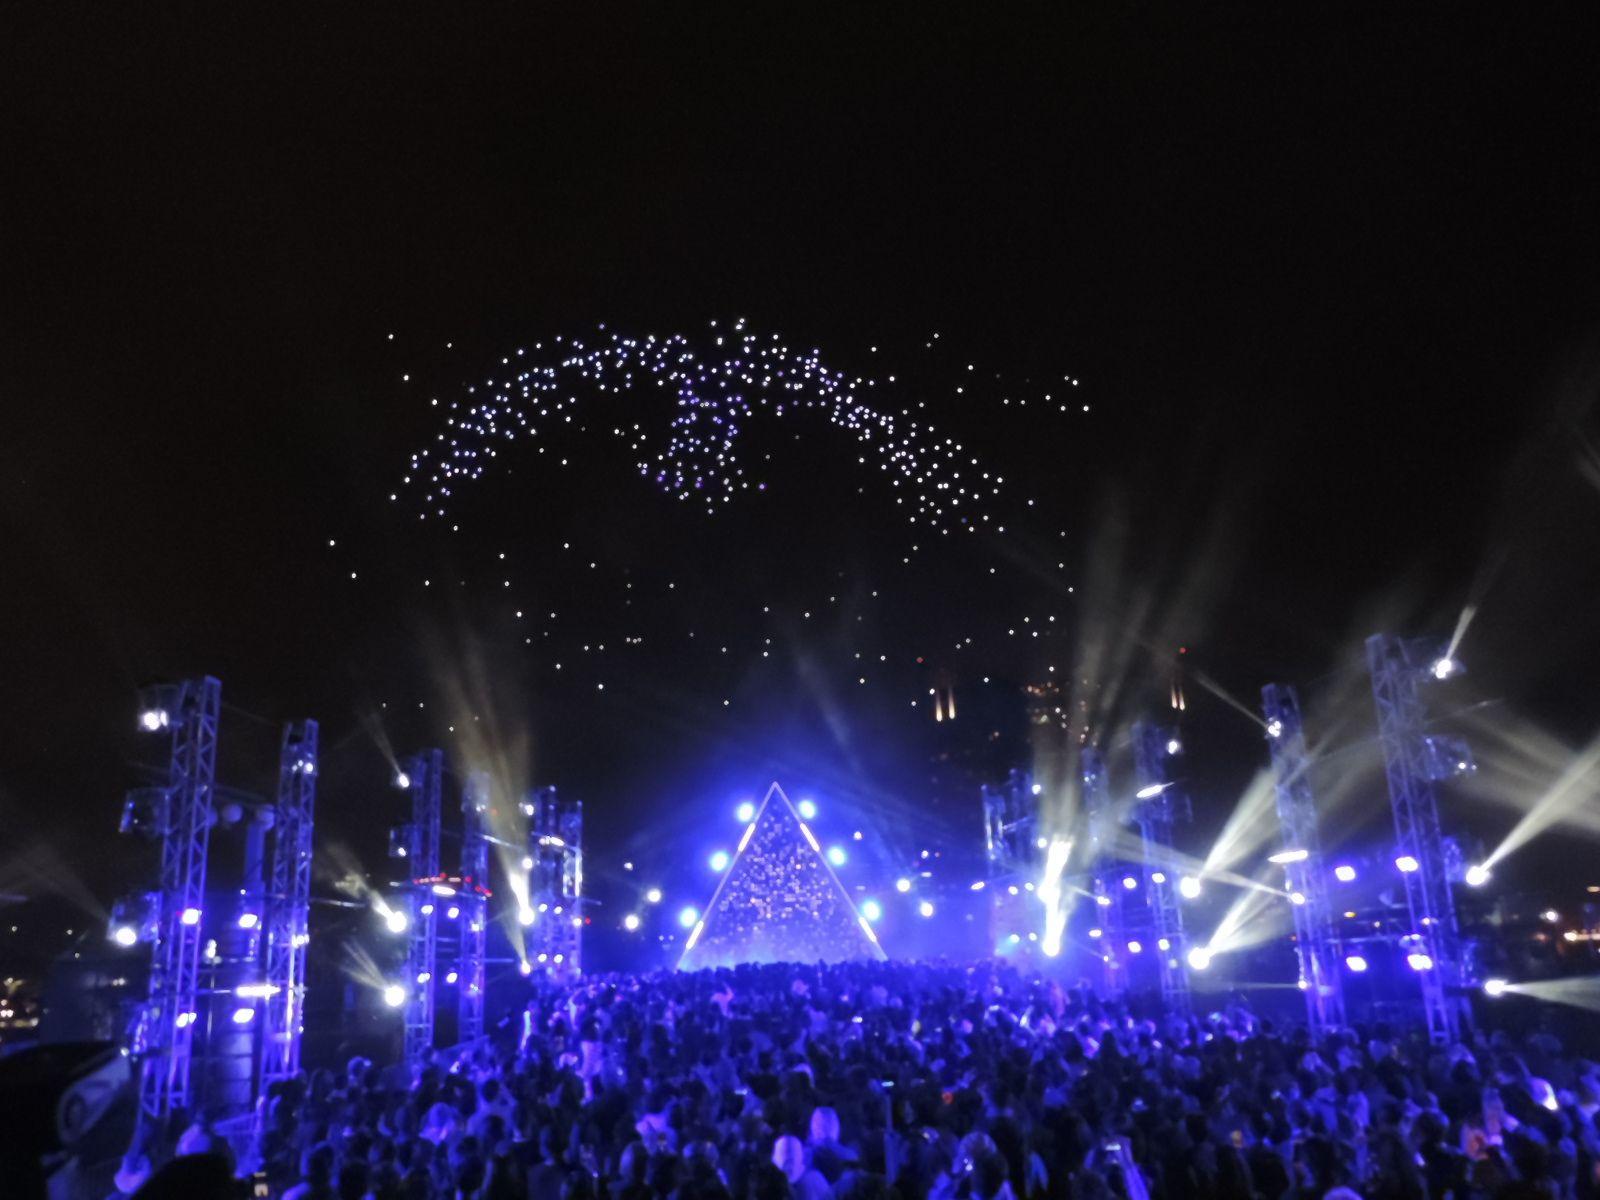 夜空を500機のドローンが乱舞するショー開催 東京モーターショー